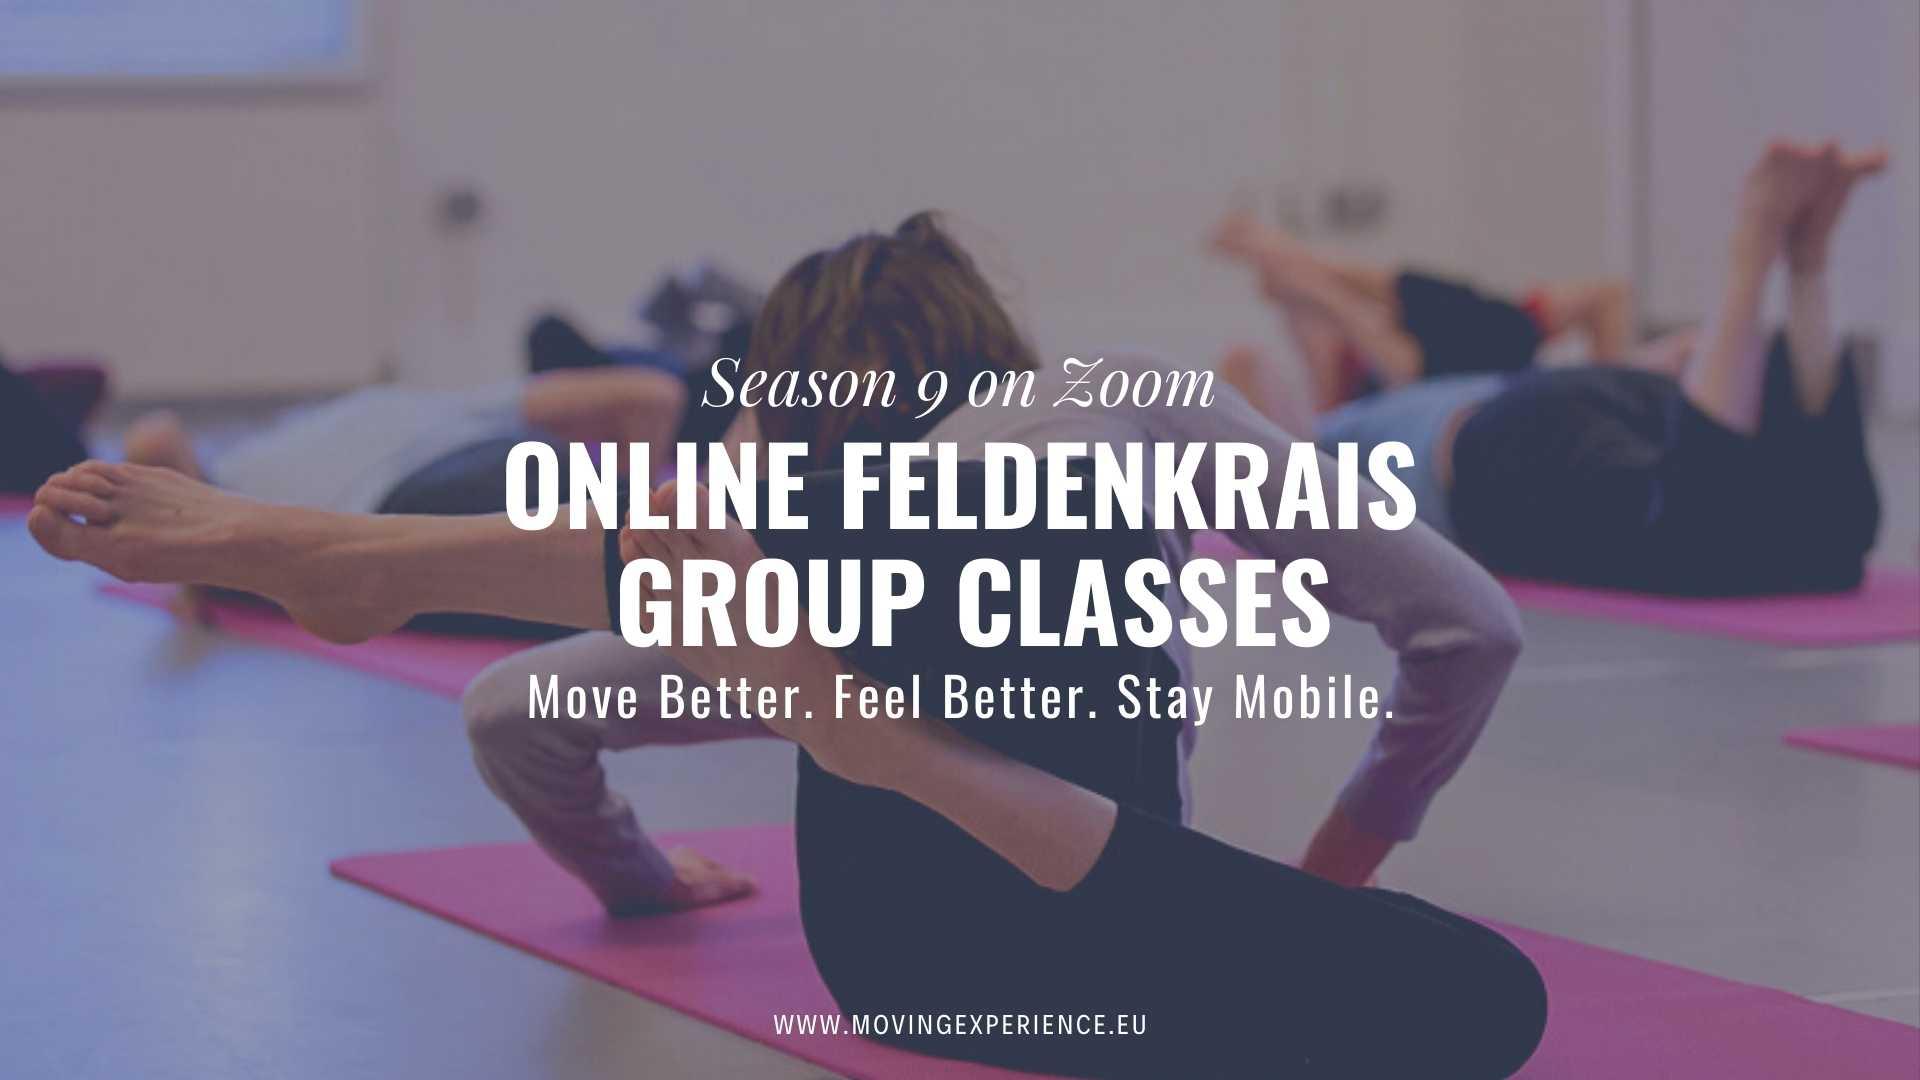 Online Feldenkrais Group Classes